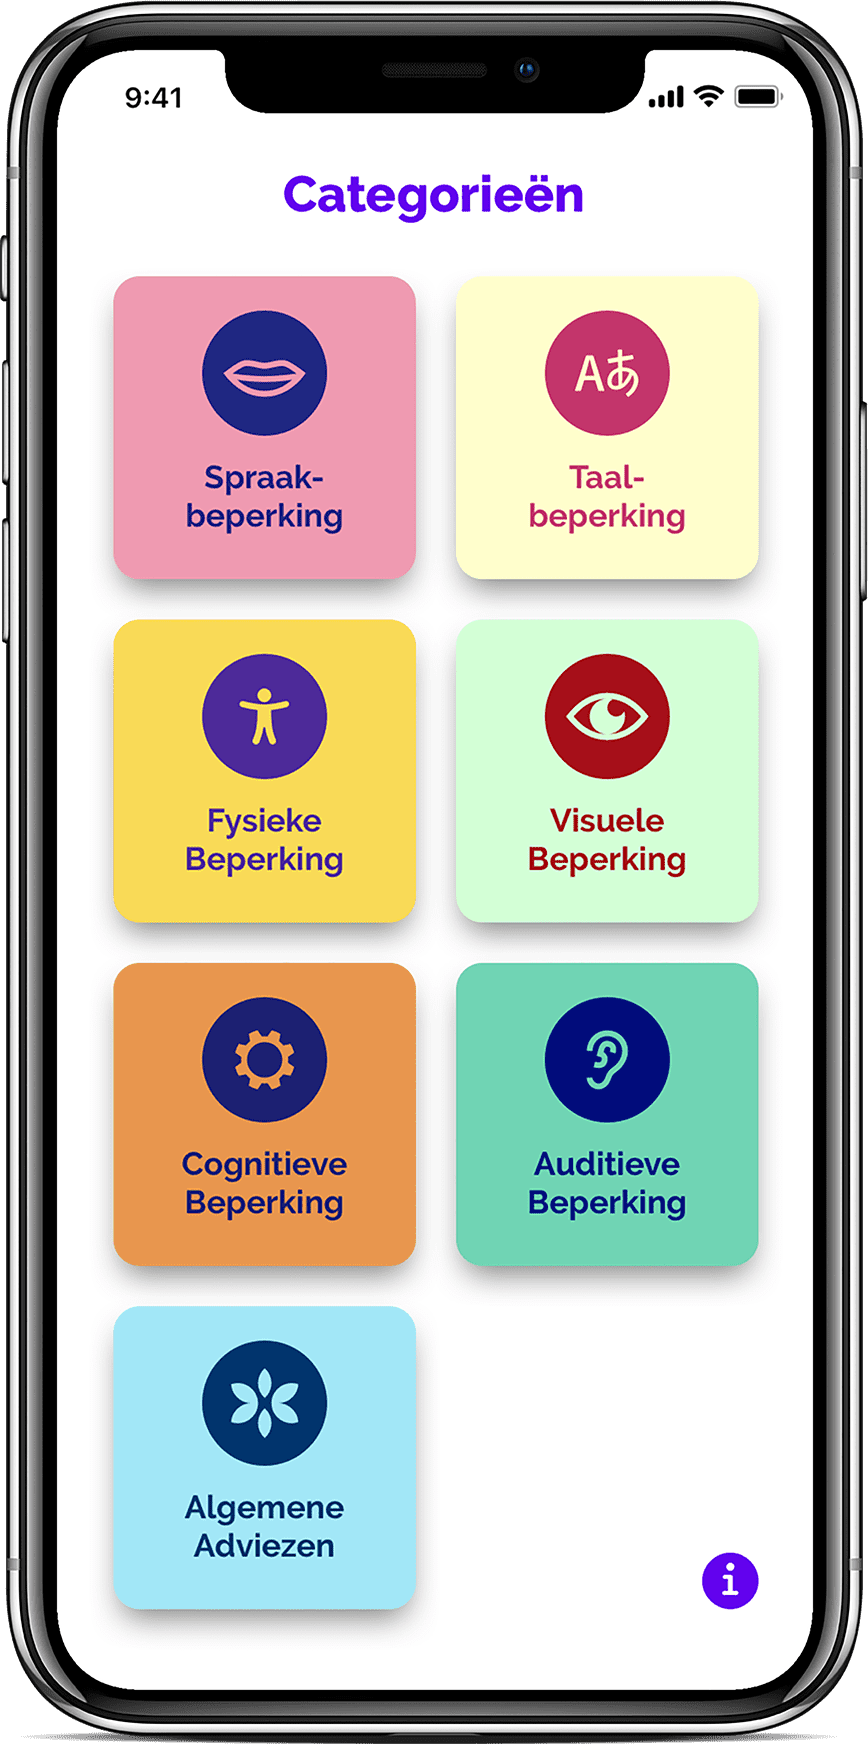 iphone met daarin een scherm van de app 'Denken in beperkingen'